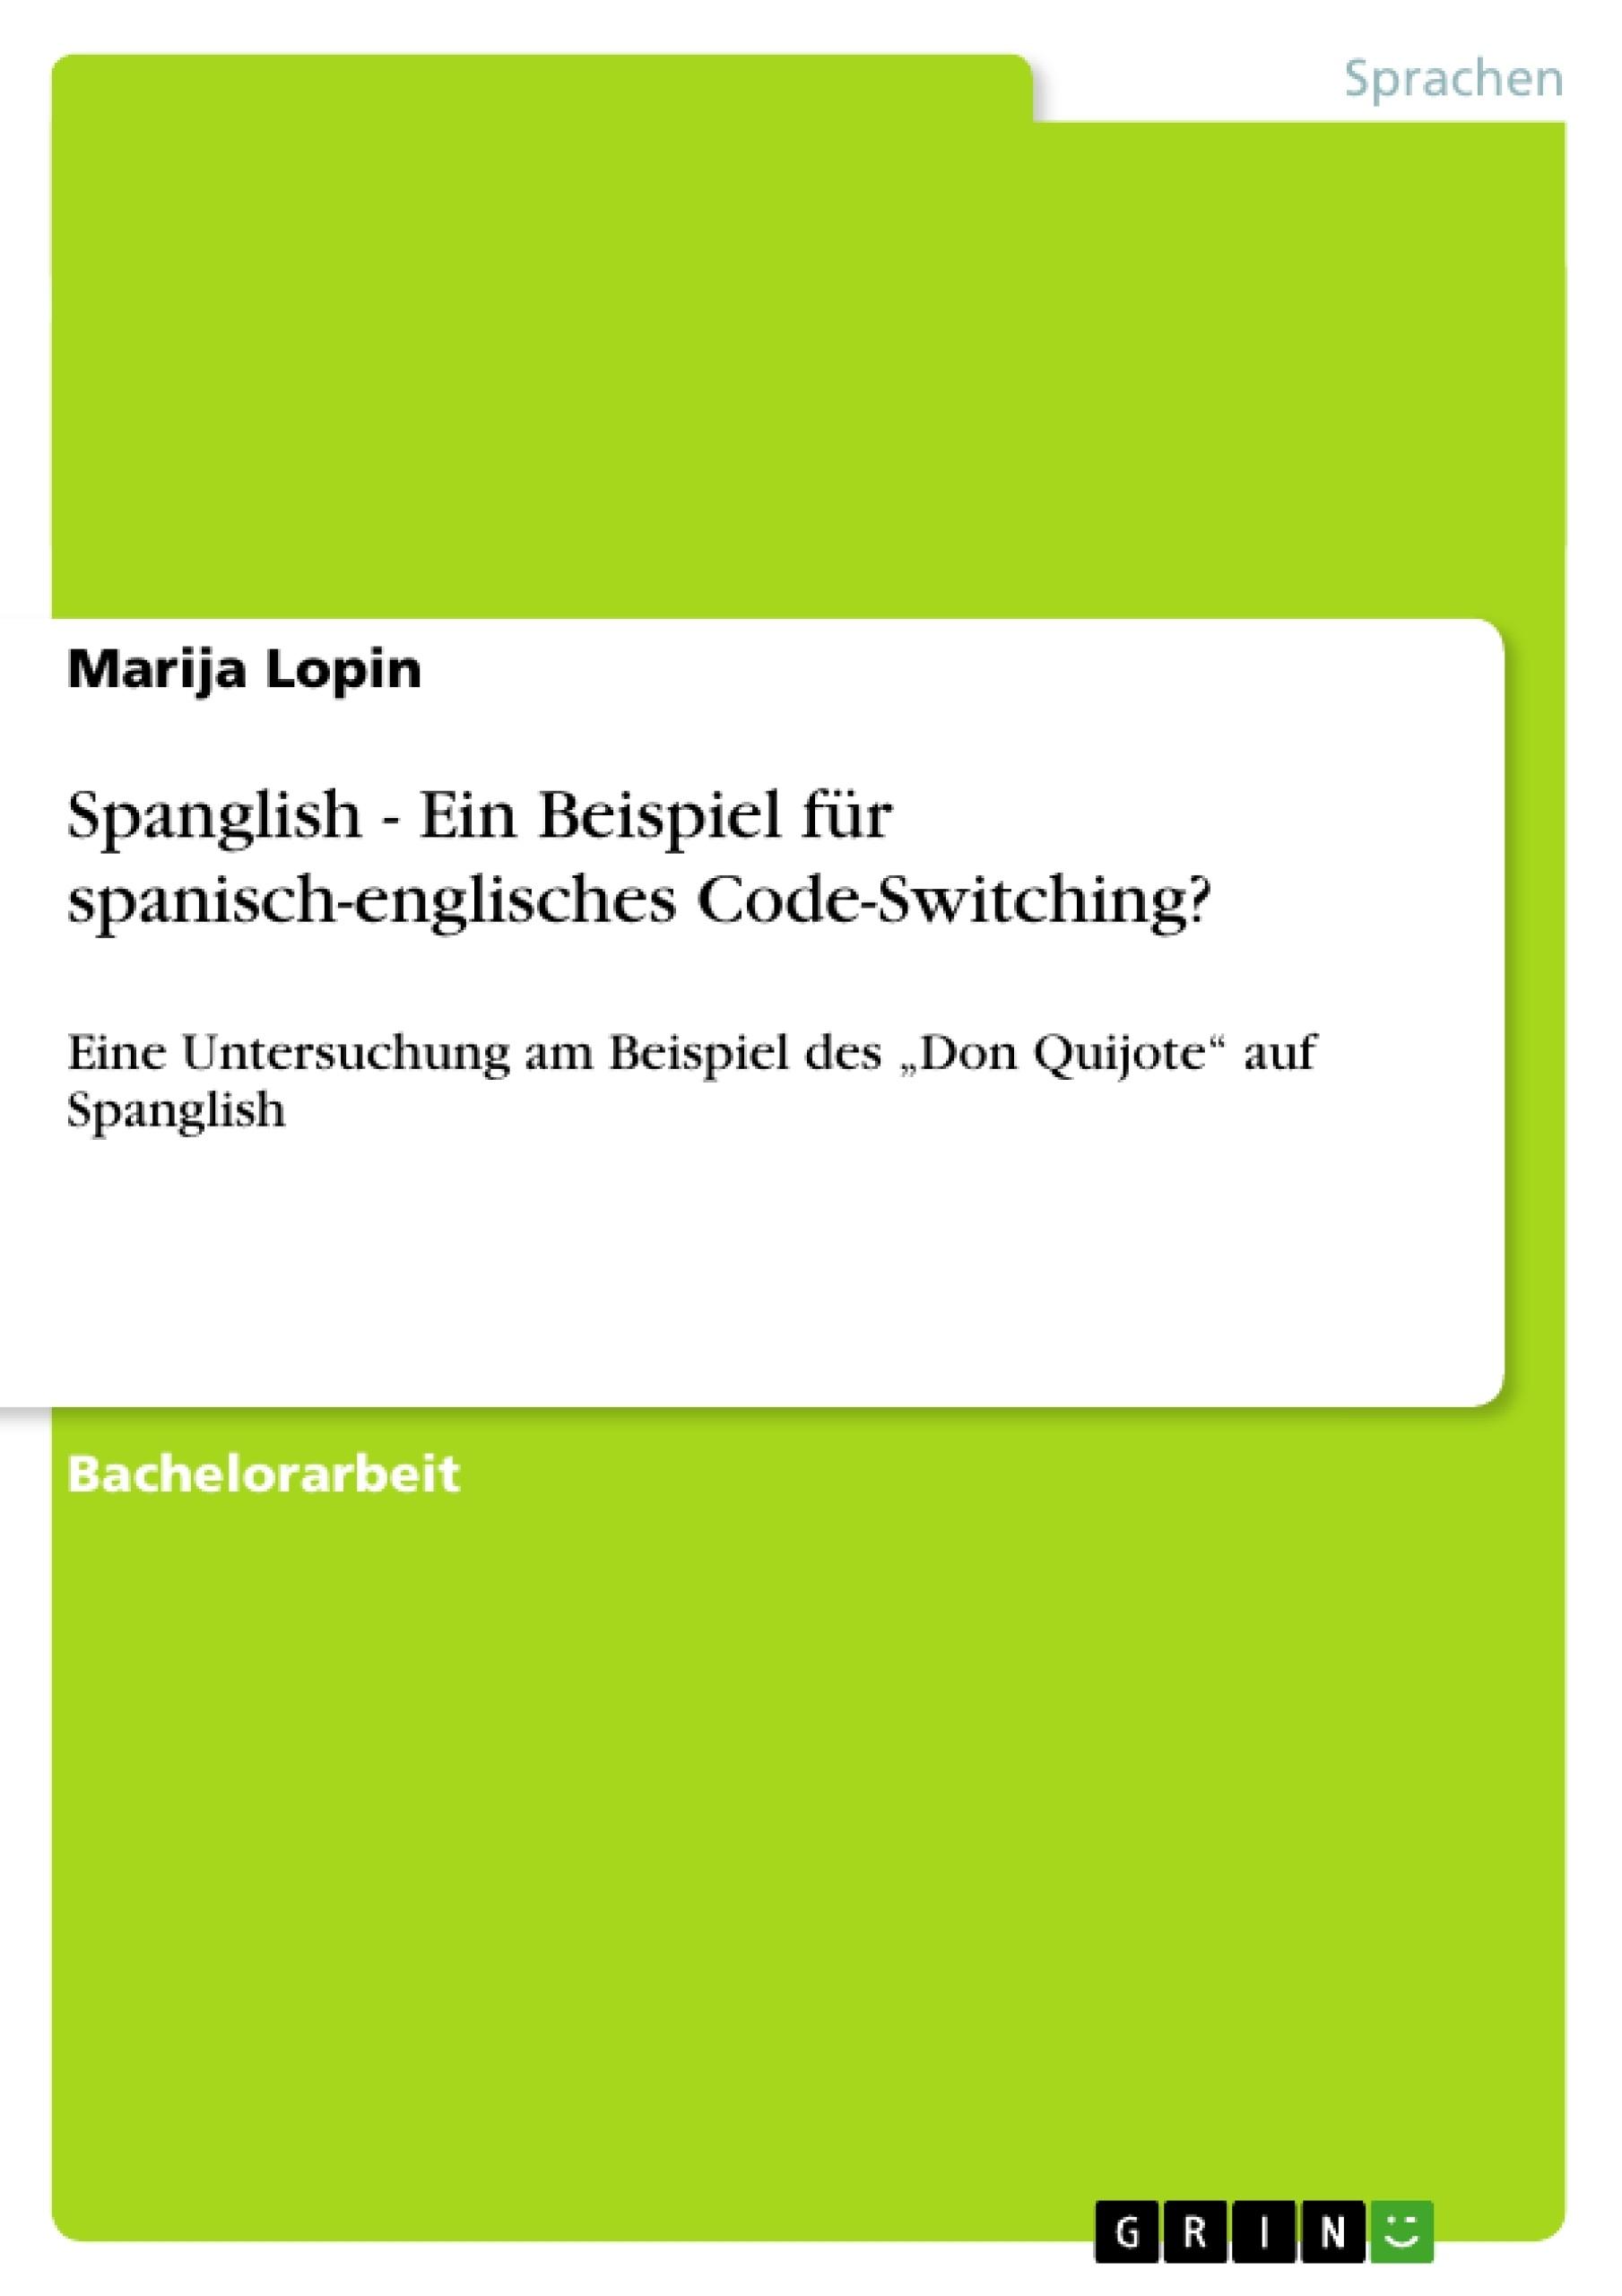 Titel: Spanglish - Ein Beispiel für spanisch-englisches Code-Switching?